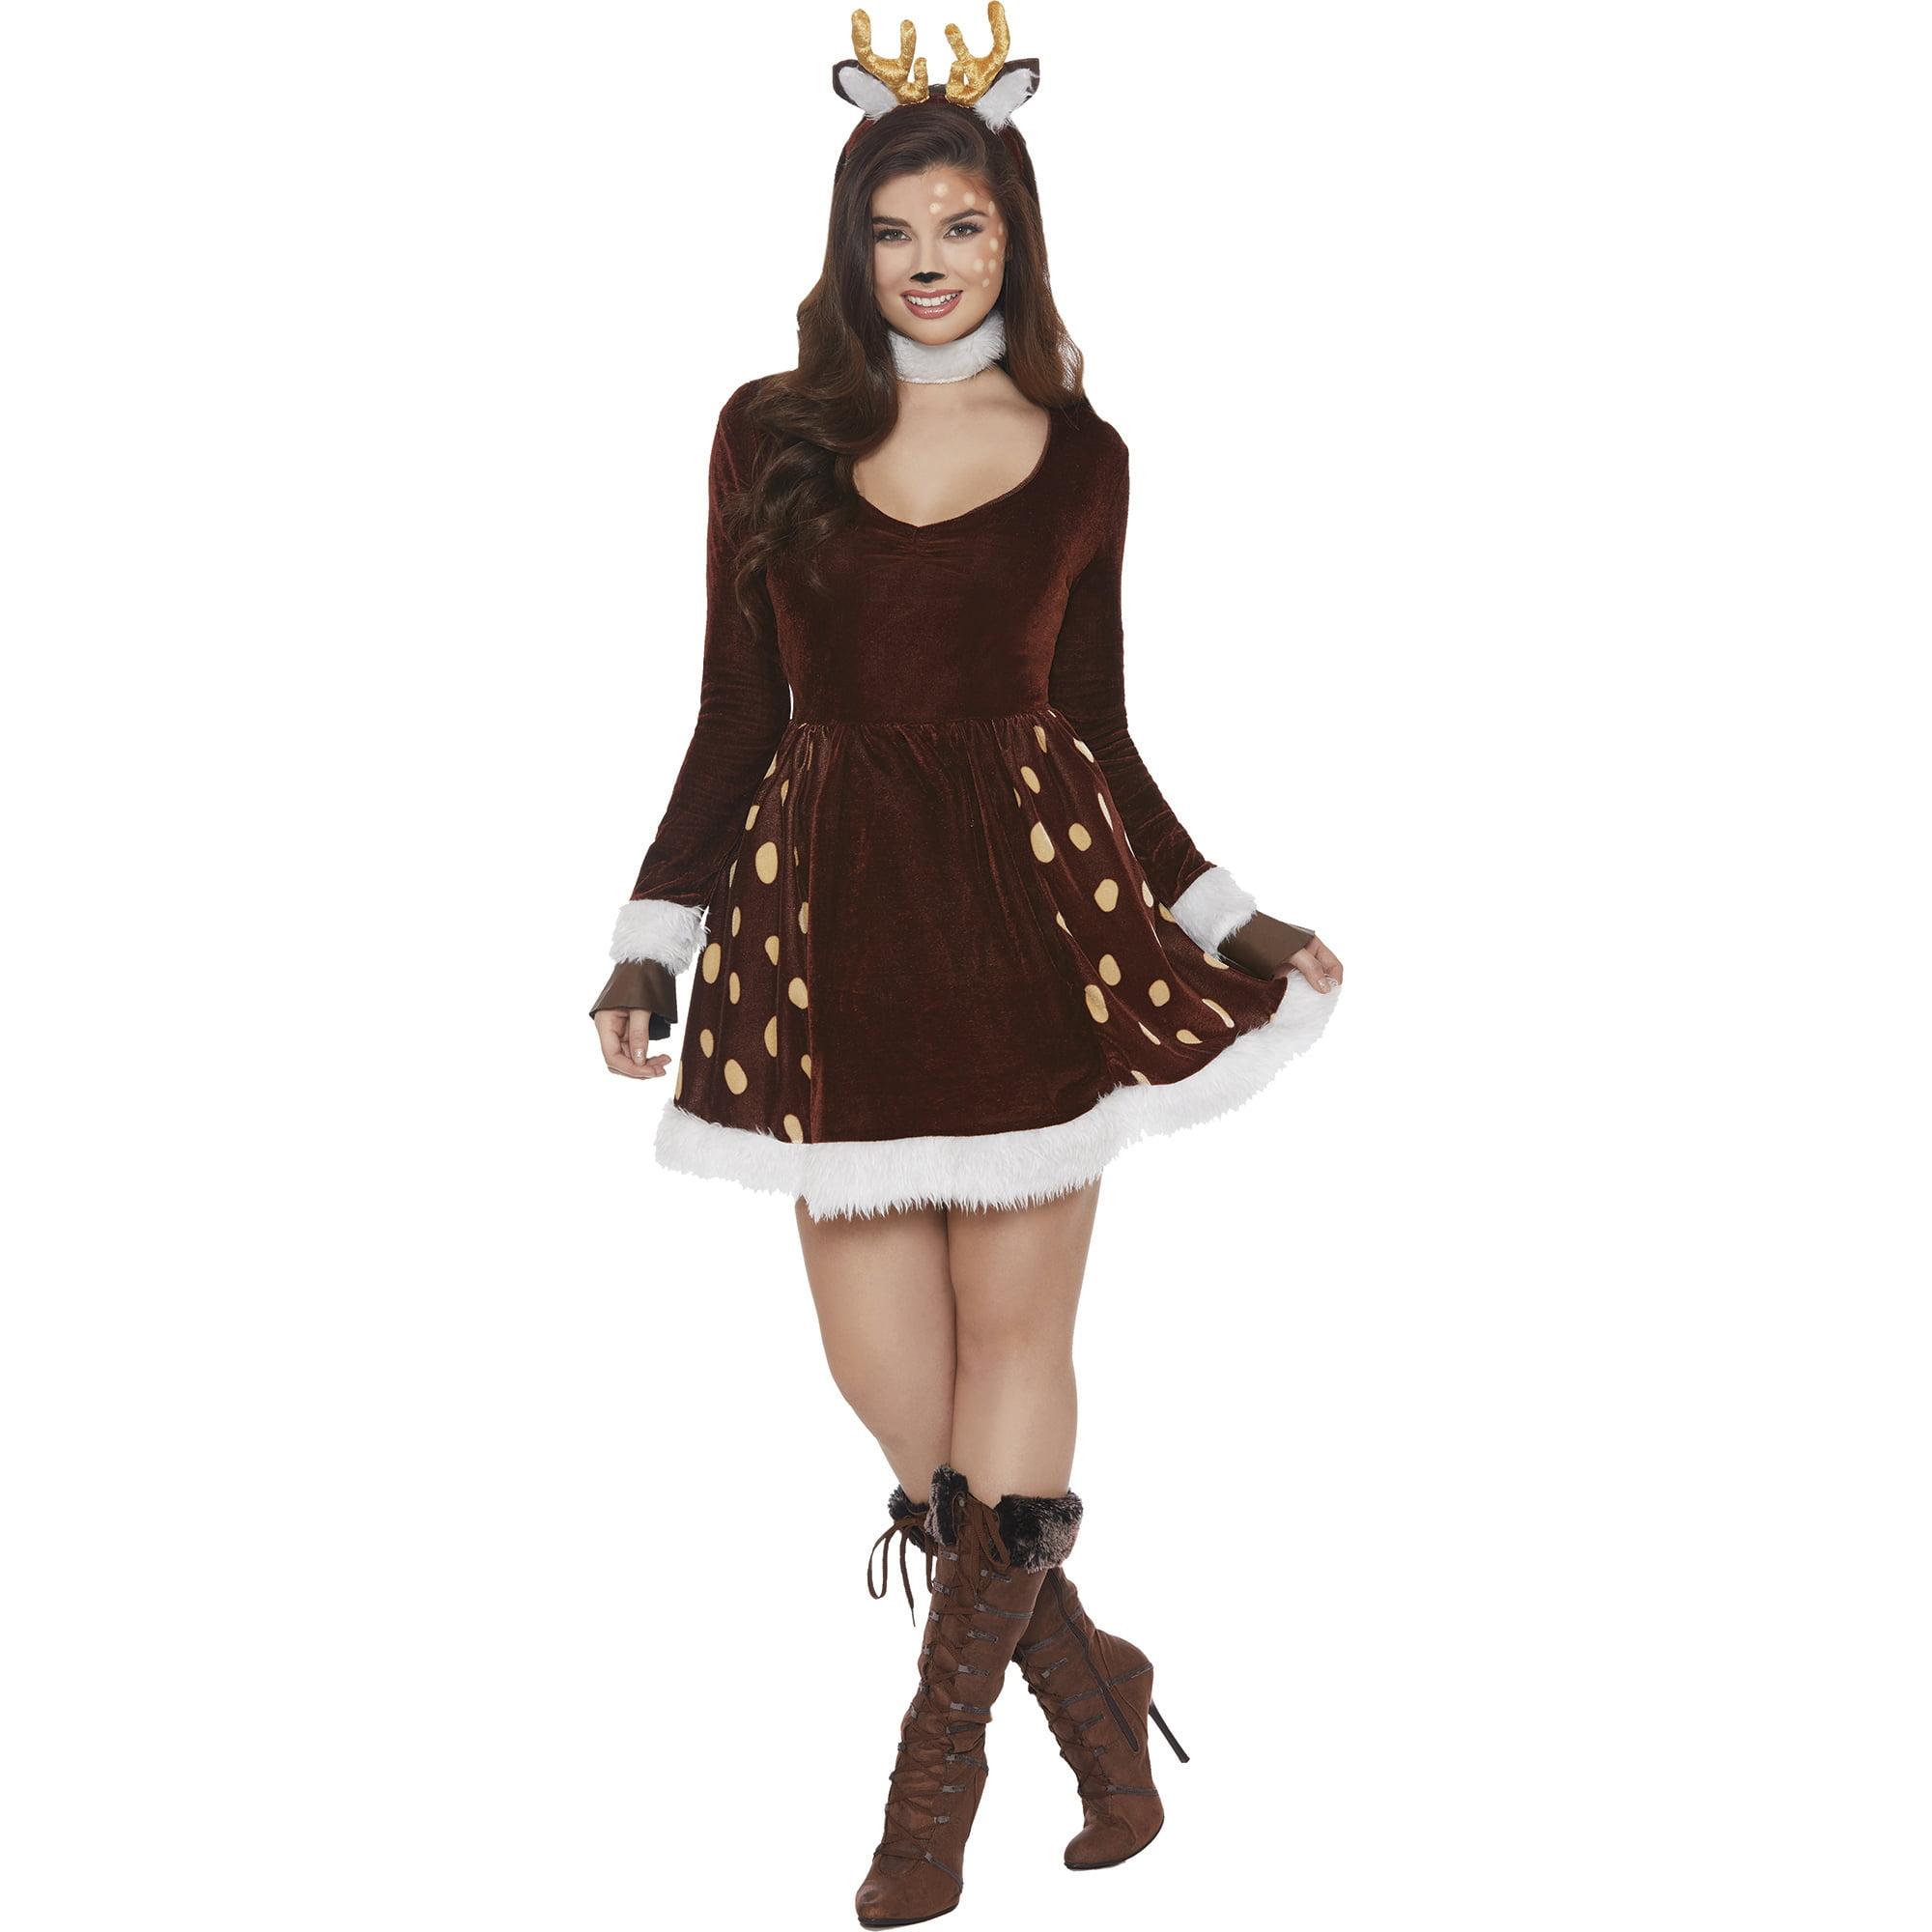 Women's Adult Deer Me Halloween Costume, Medium